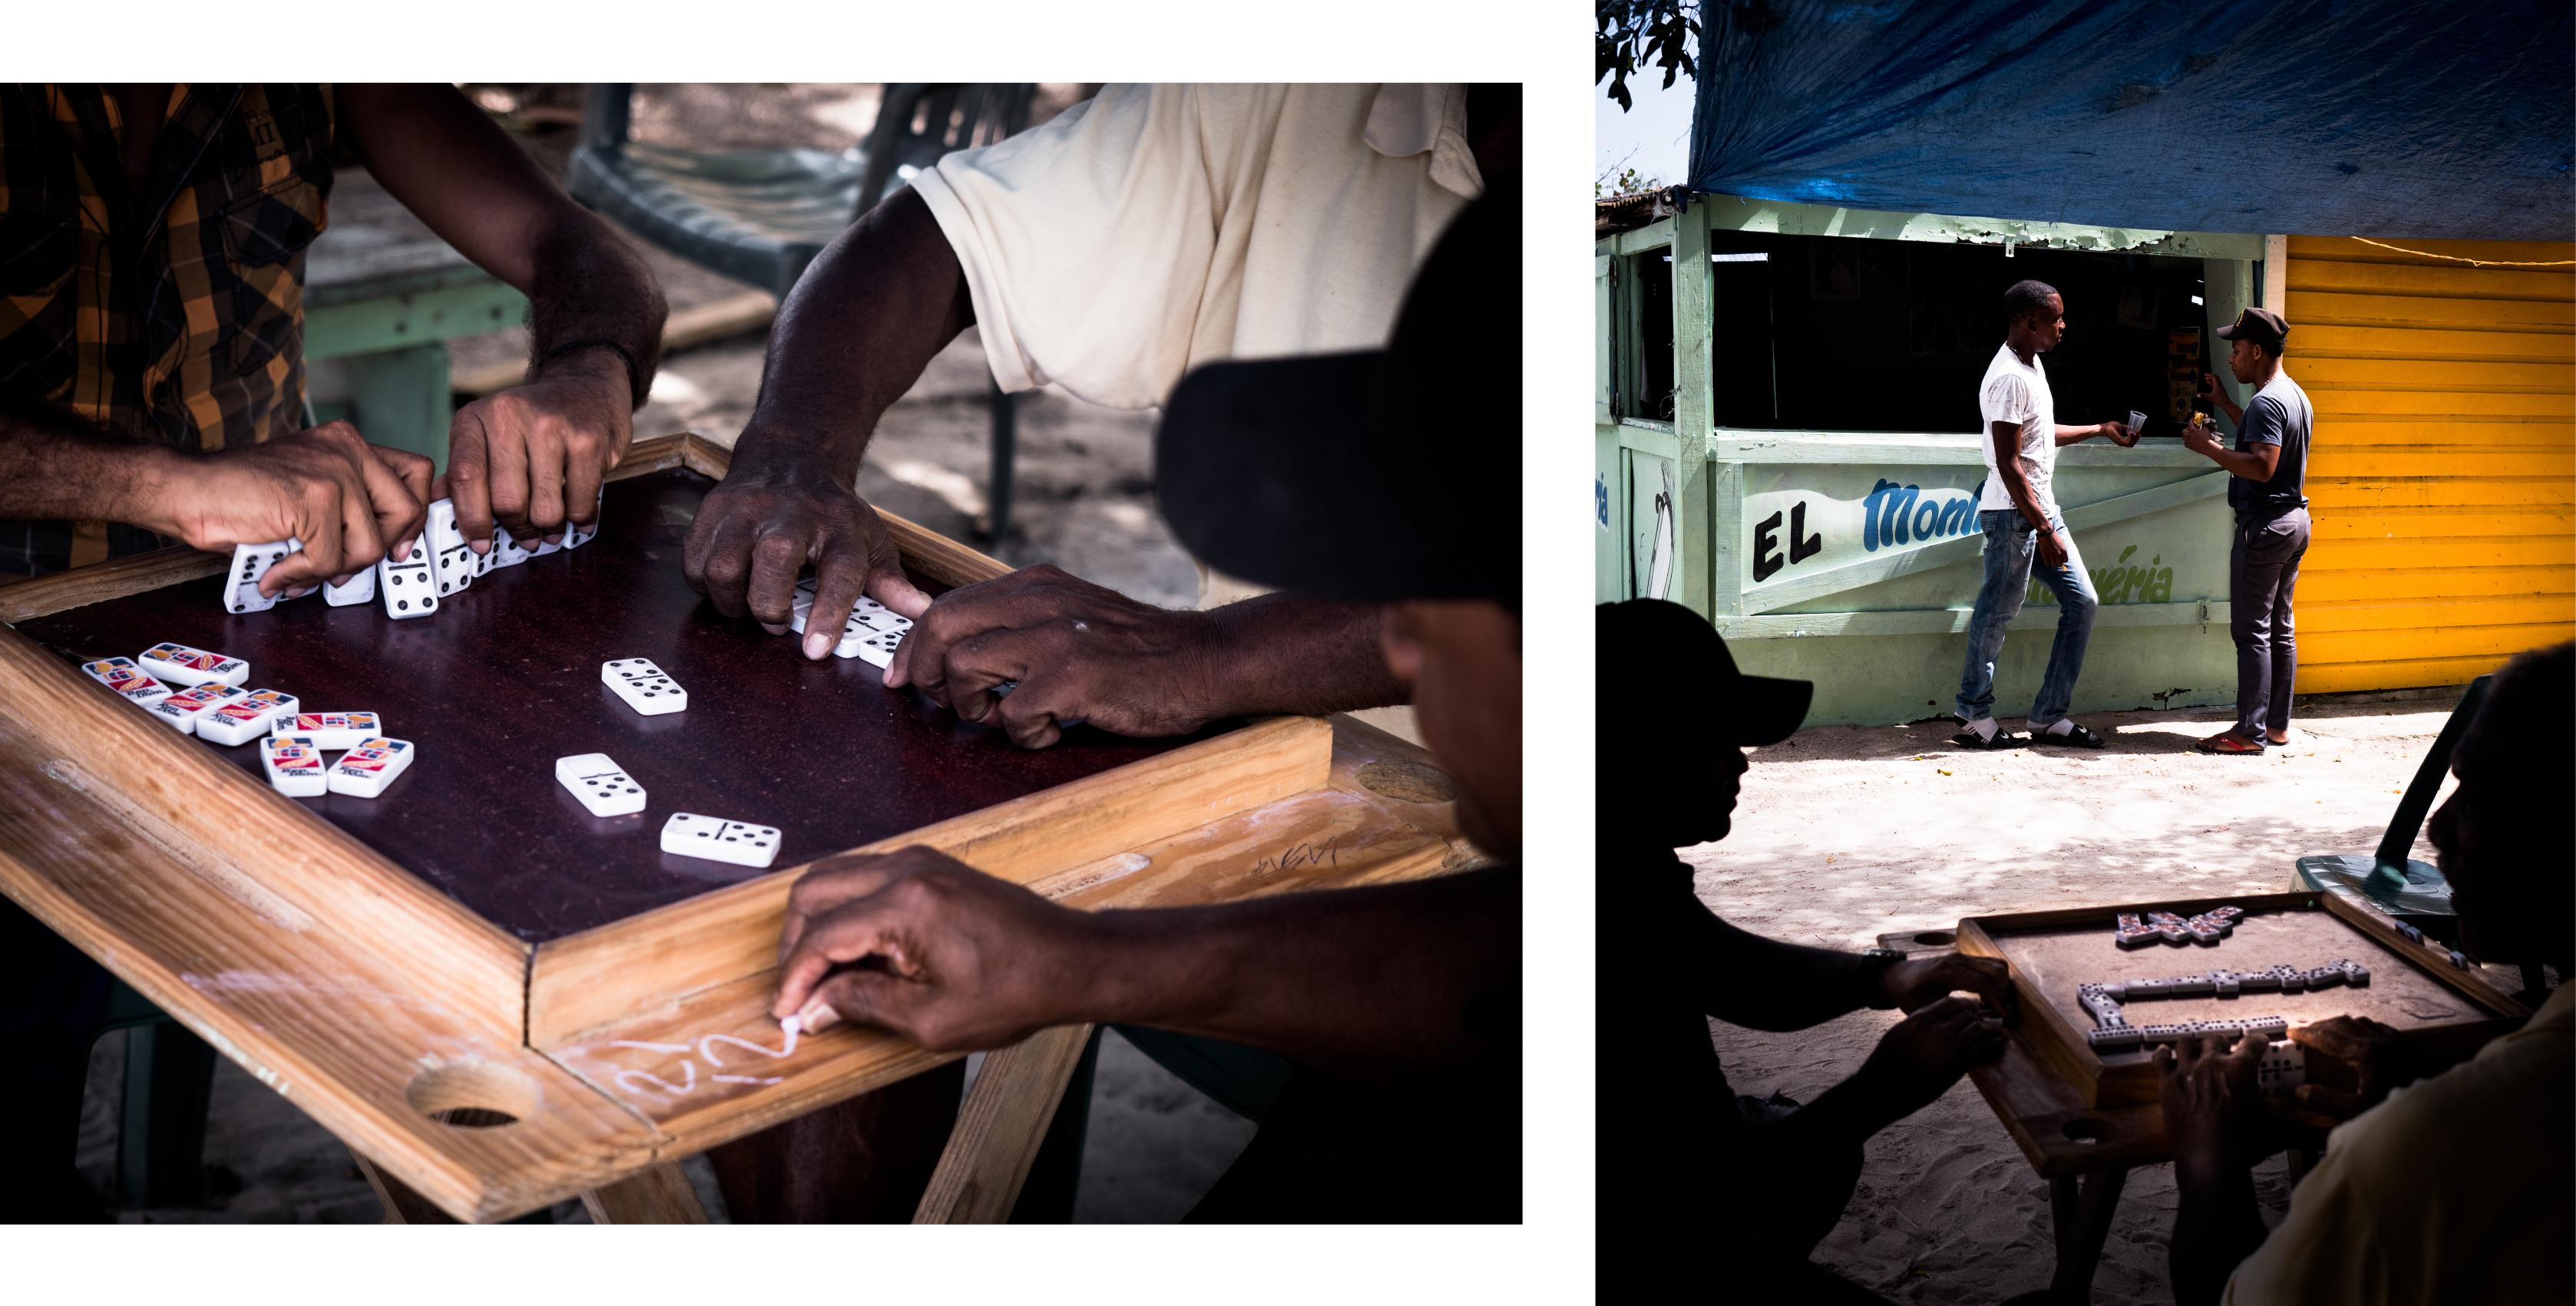 plage caraibes -joueurs de dominos - photo de la mer des caraibes-plage saona republique dominicaine - mano juan